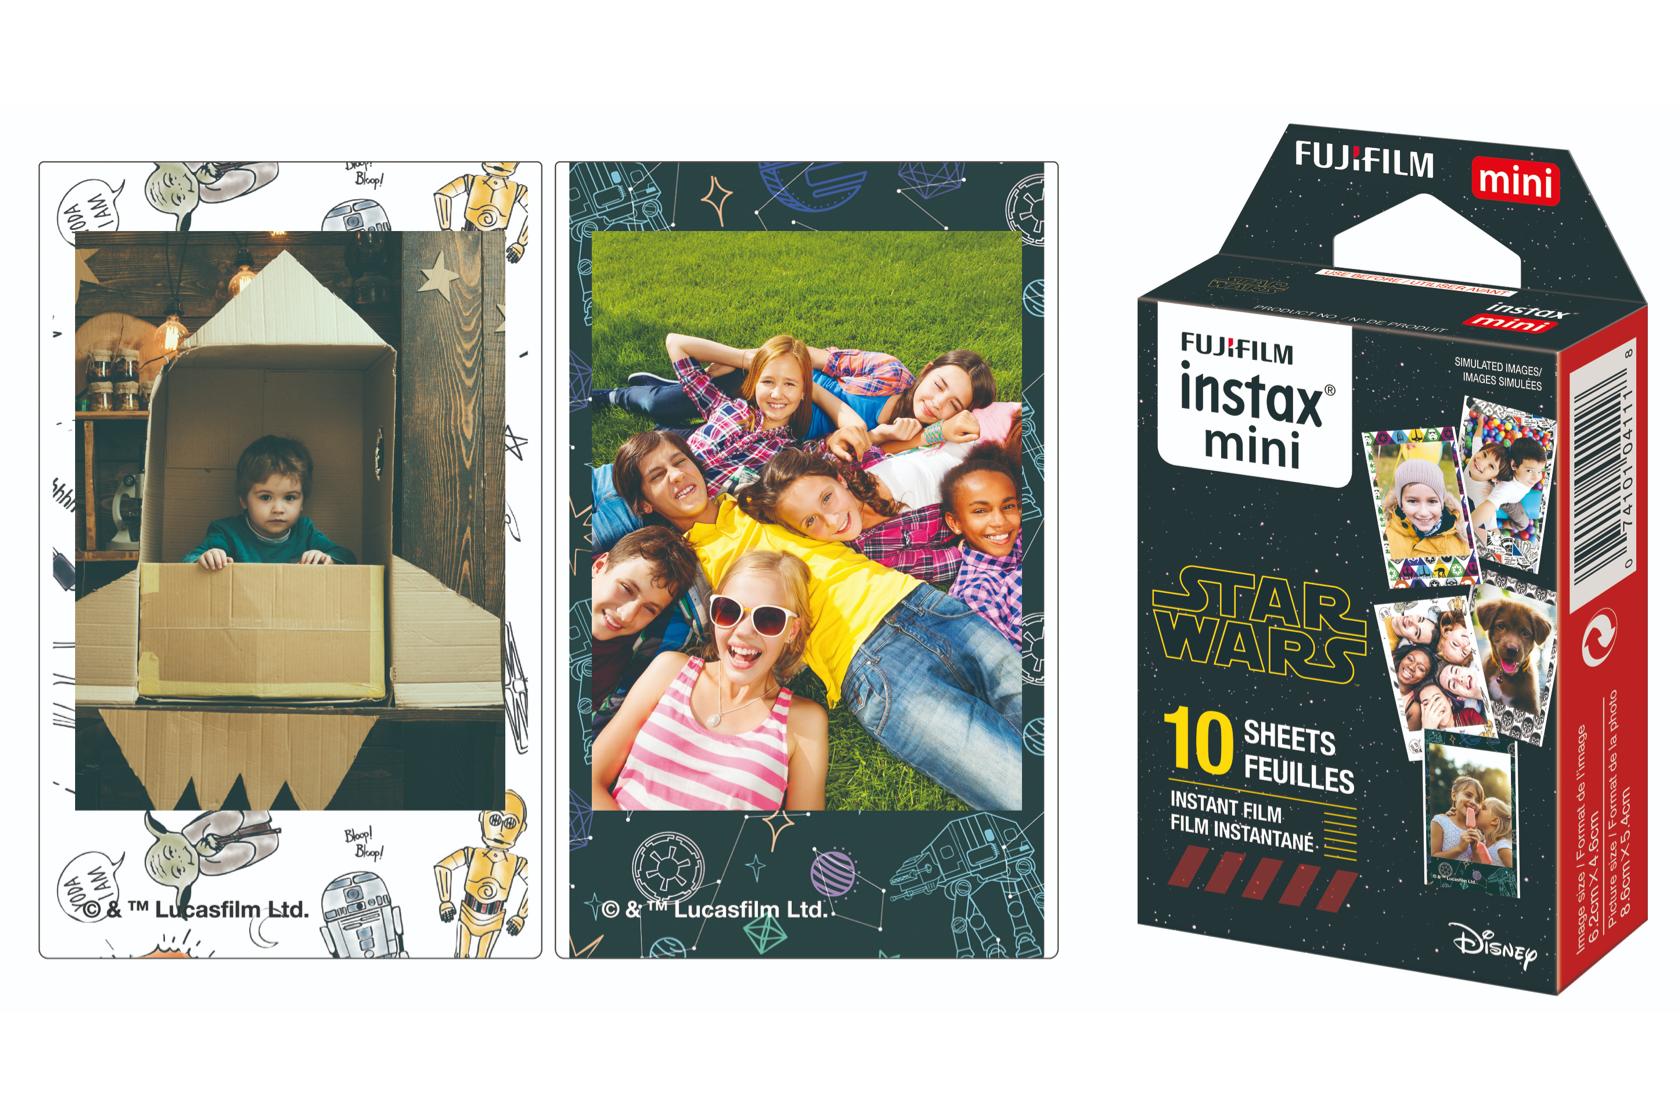 Fotos de niños en la película INSTAX Mini Star Wars junto a la caja de película INSTAX Mini Star Wars